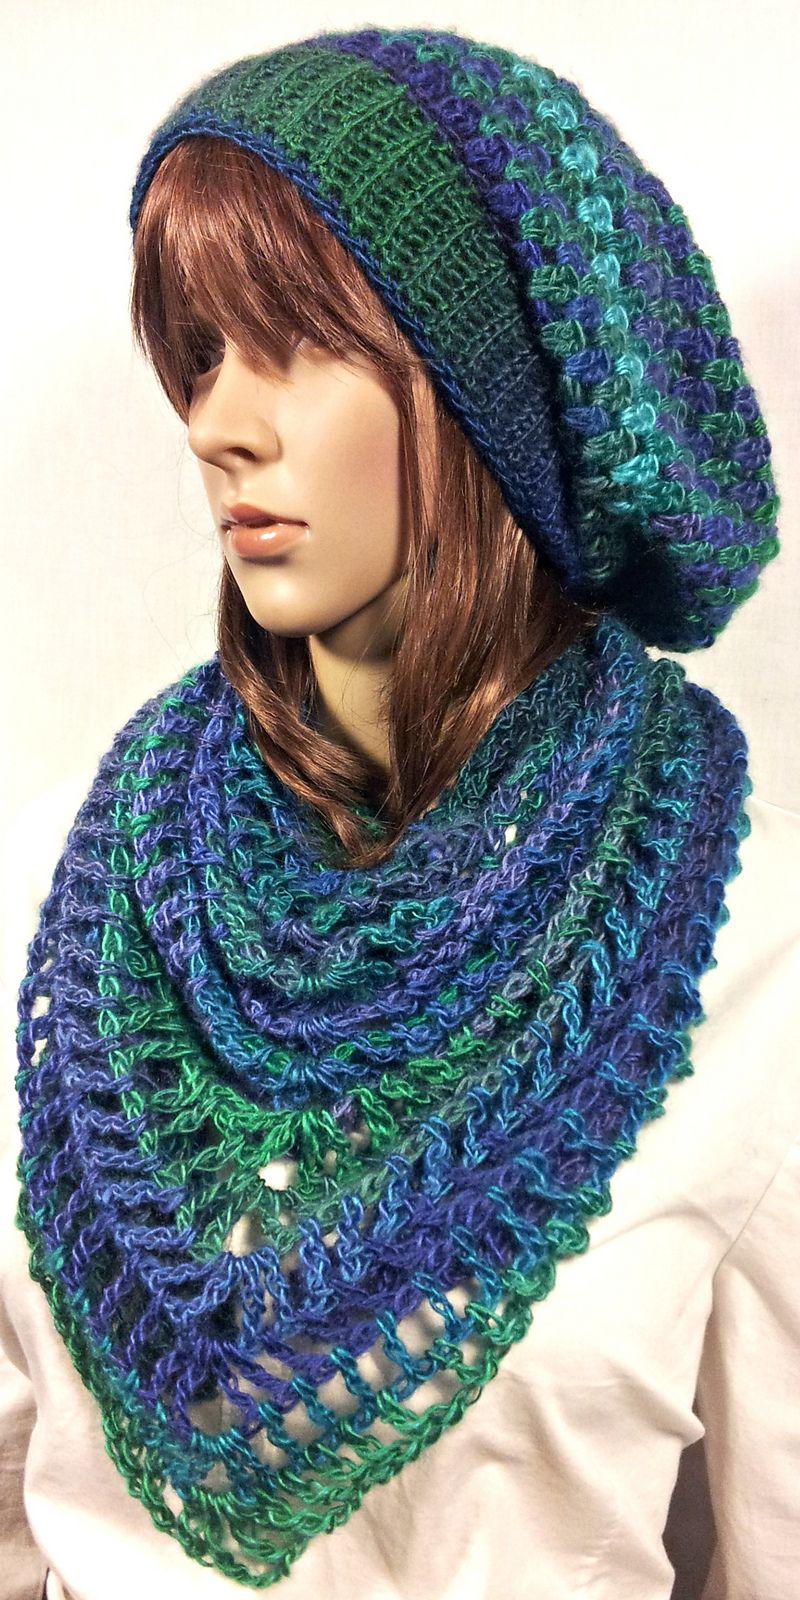 Shamdana shawl pattern by tina lynn creations free crochet shamdana shawl and hat set by tina lynn creations free crochet pattern ravelry bankloansurffo Image collections